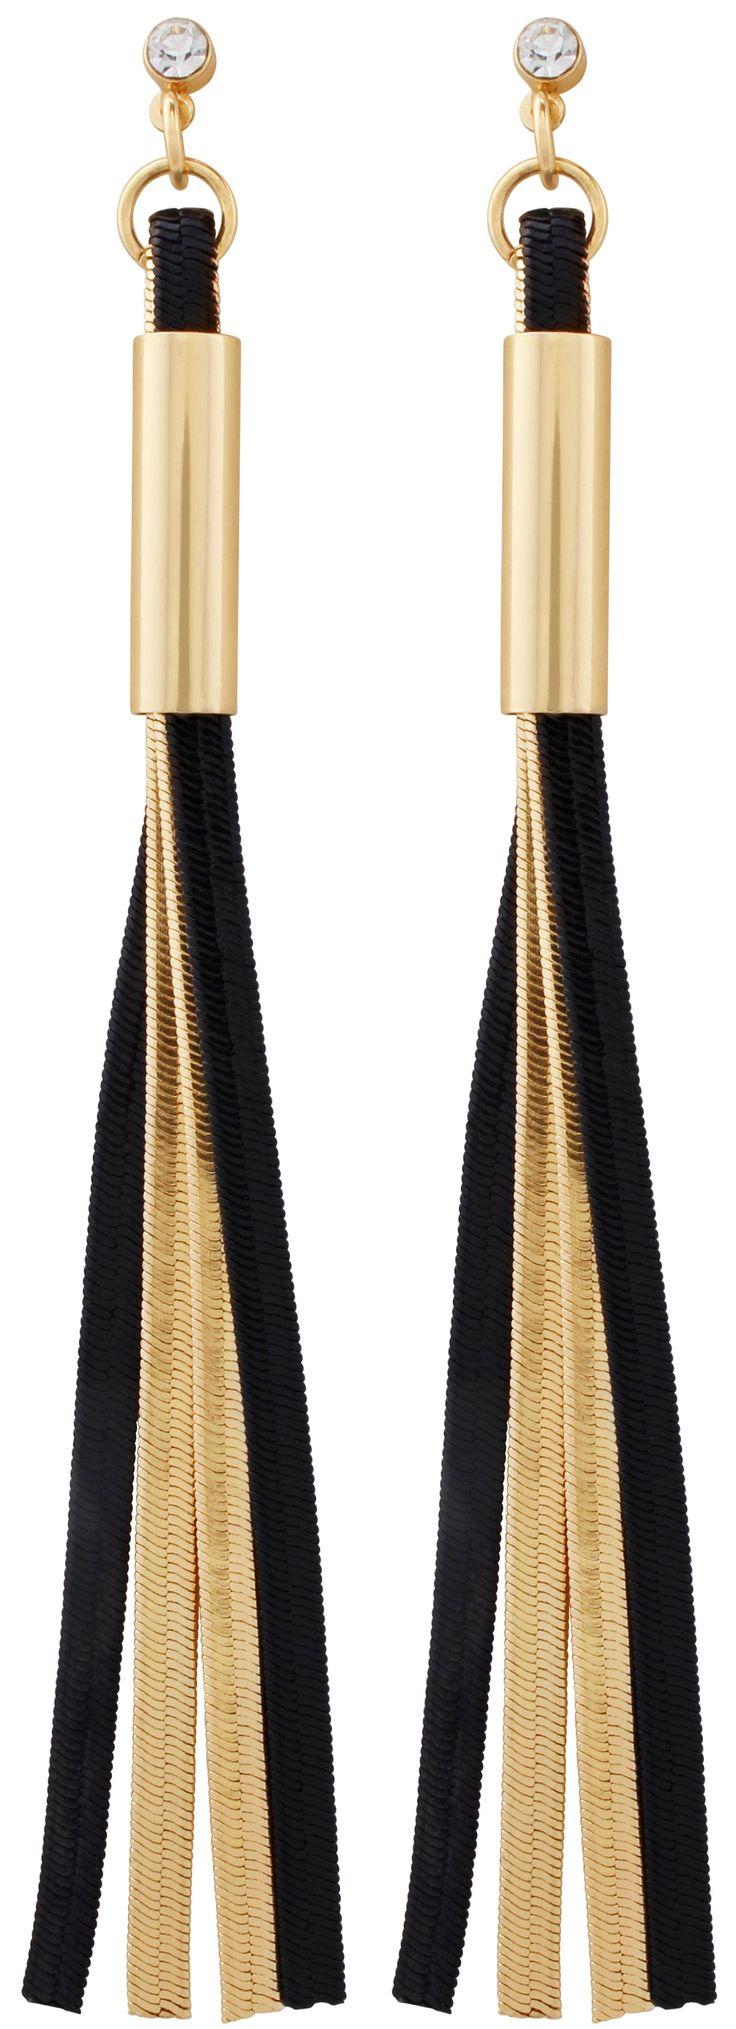 Material:  Ohrstecker mit hellem Strassstein, an dem zwei schwarze sowie zwei goldfarbene Stränge in Schlangenketten-Optik befestigt sind.            Länge:  9 cm      Breite:   ca. 0,5 cm